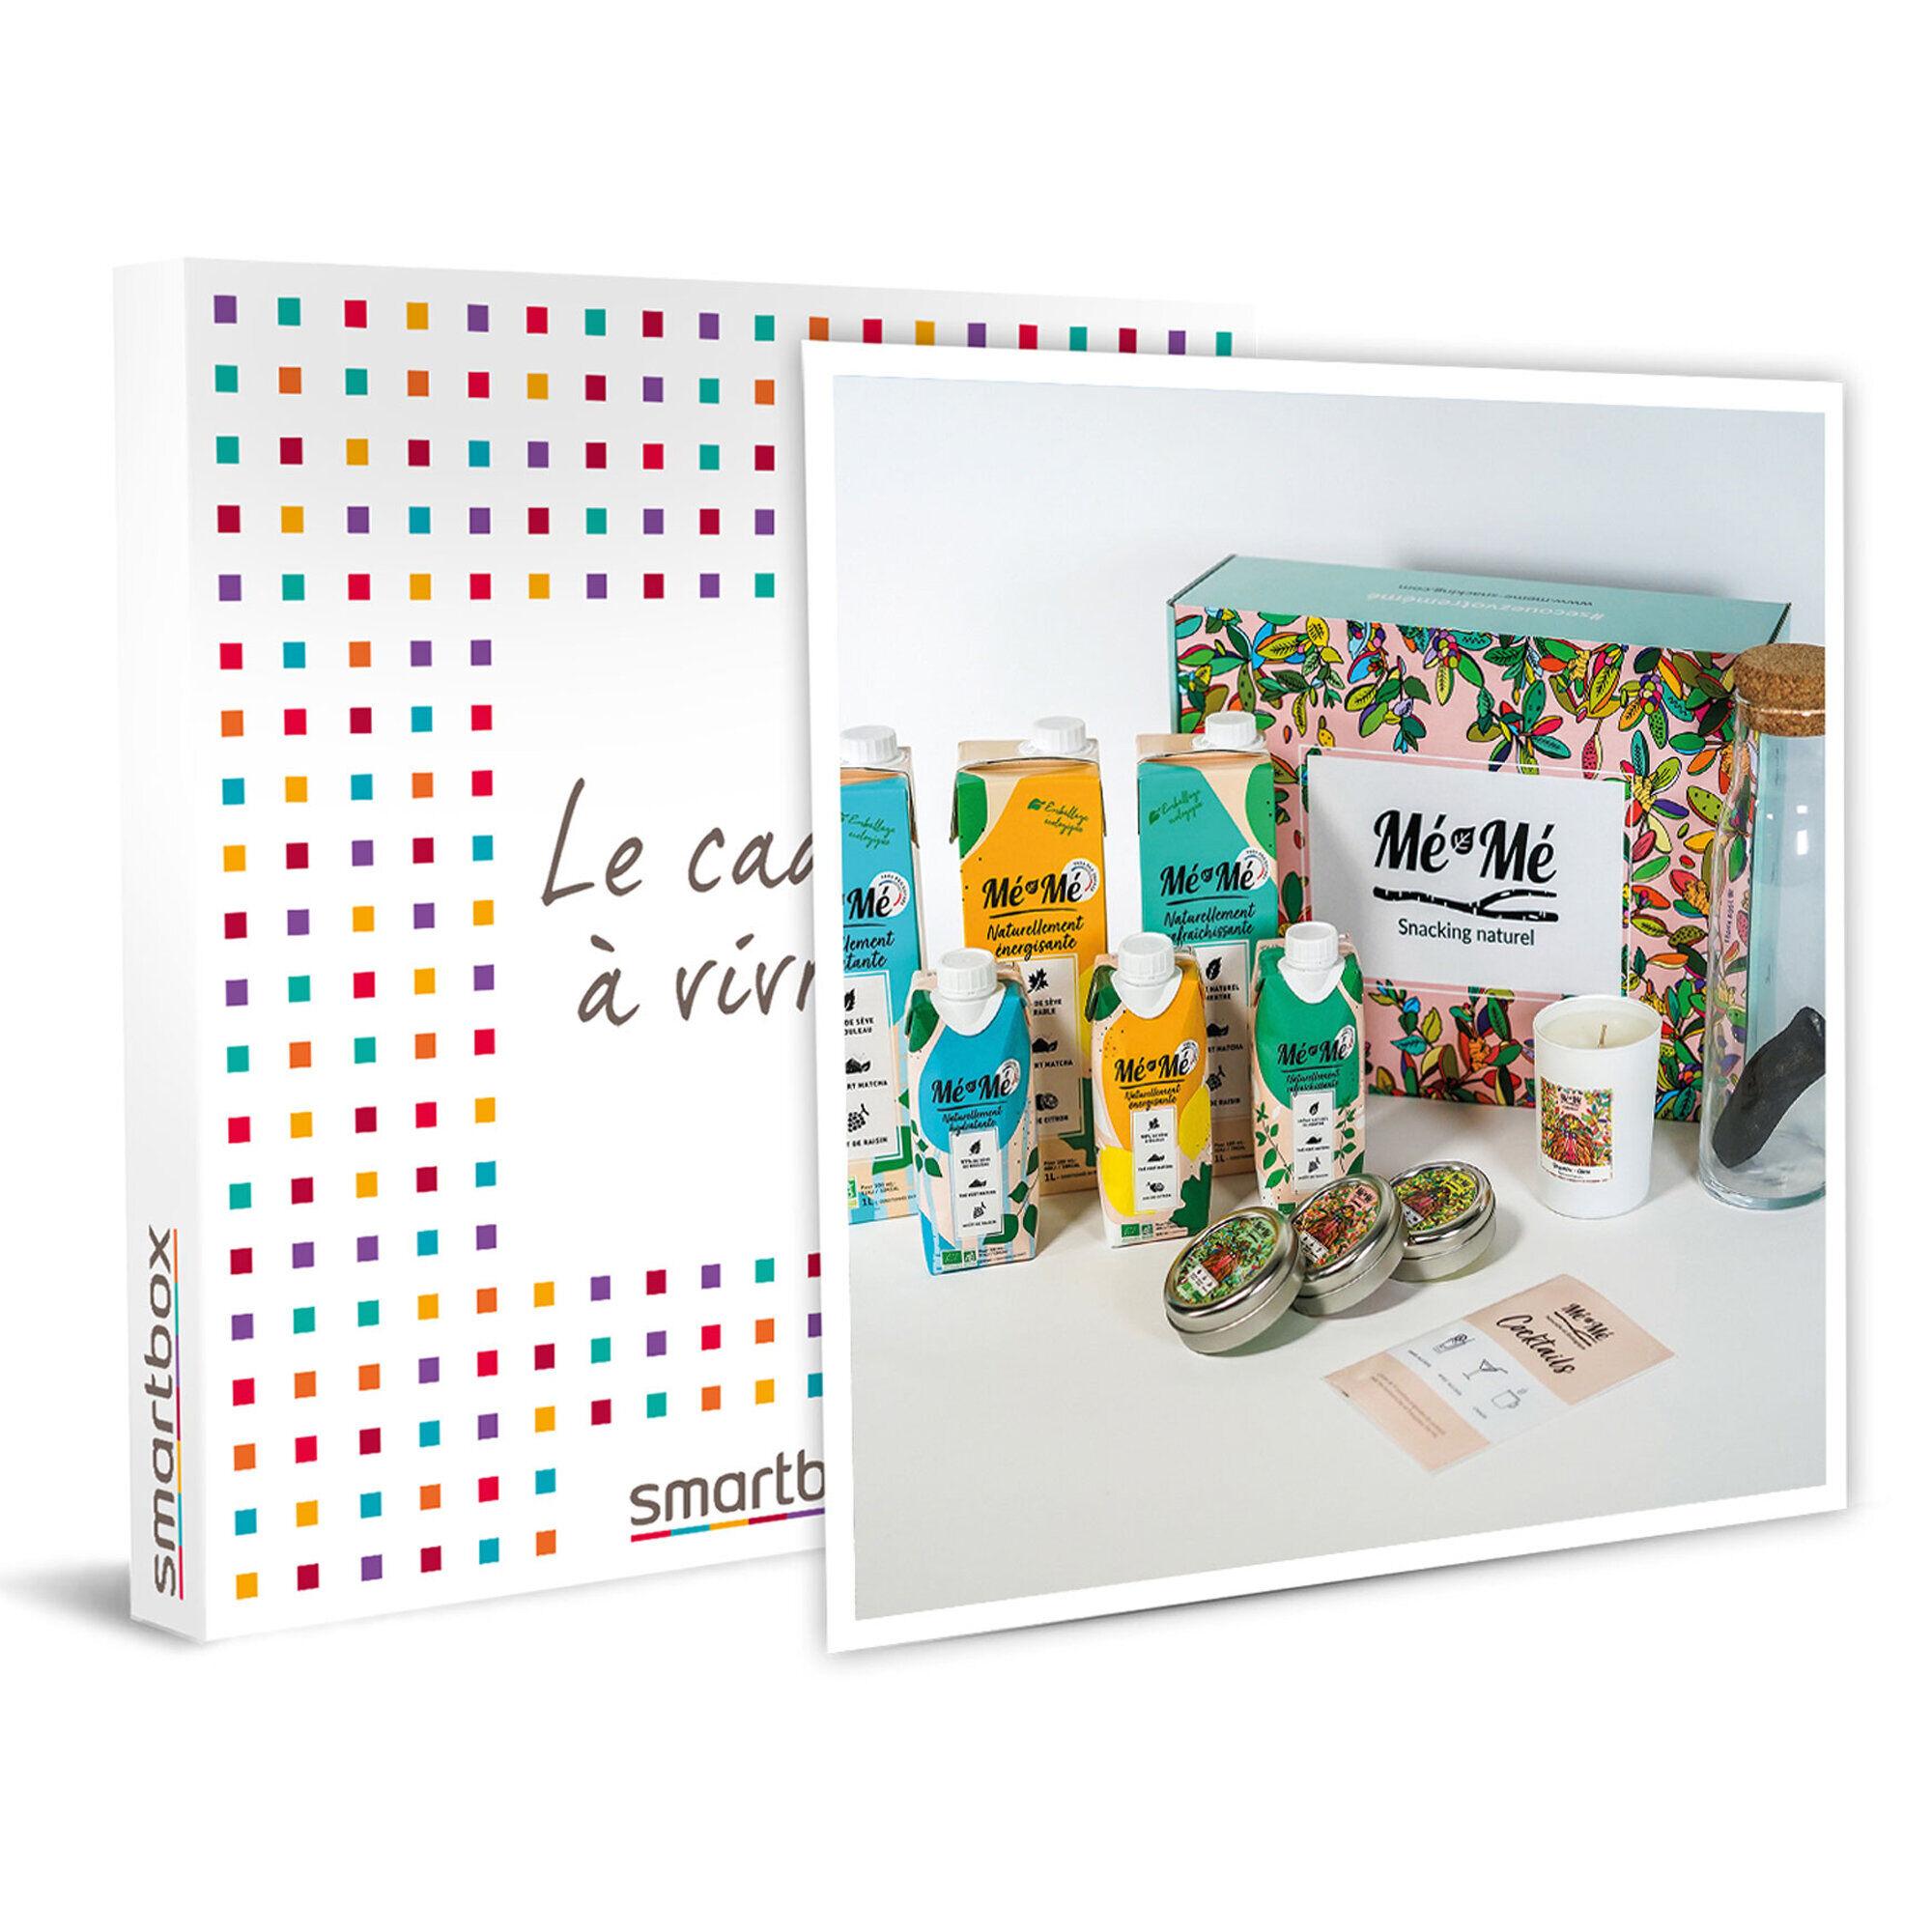 Smartbox Box de snacks, boissons et autres surprises 100 % française, bio et saine Coffret cadeau Smartbox